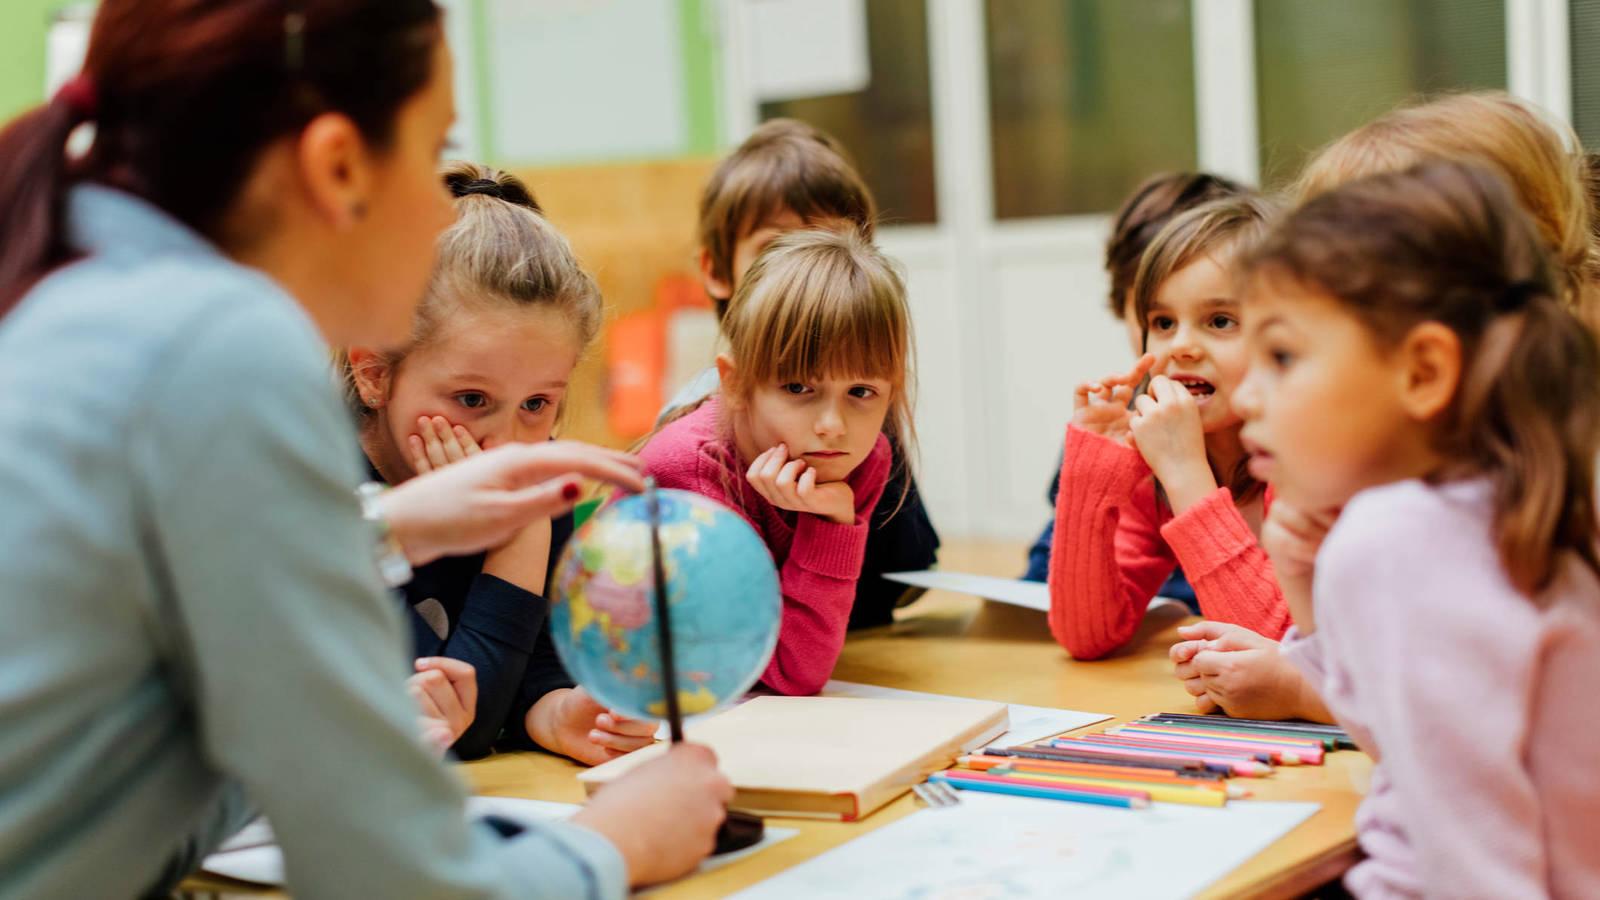 ¿Cómo estimular las habilidades necesarias para el aprendizaje?